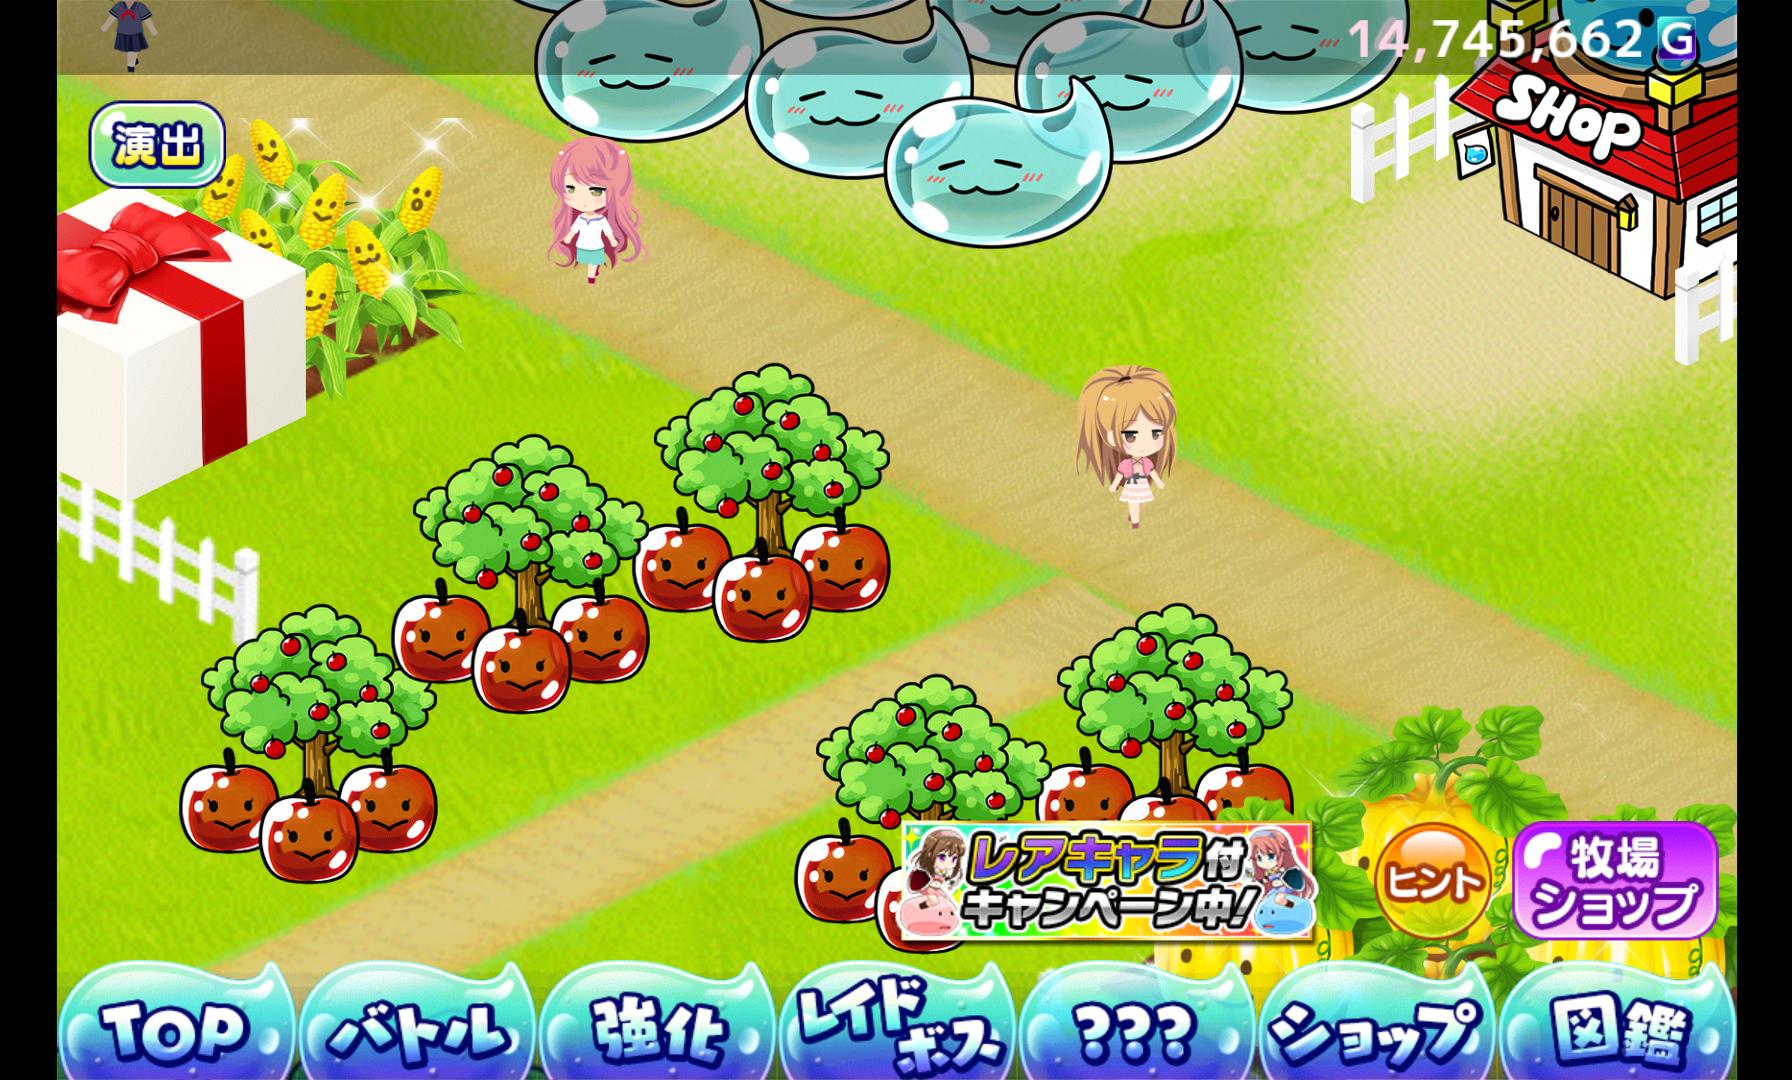 ぷるぷるスライム牧場 androidアプリスクリーンショット1